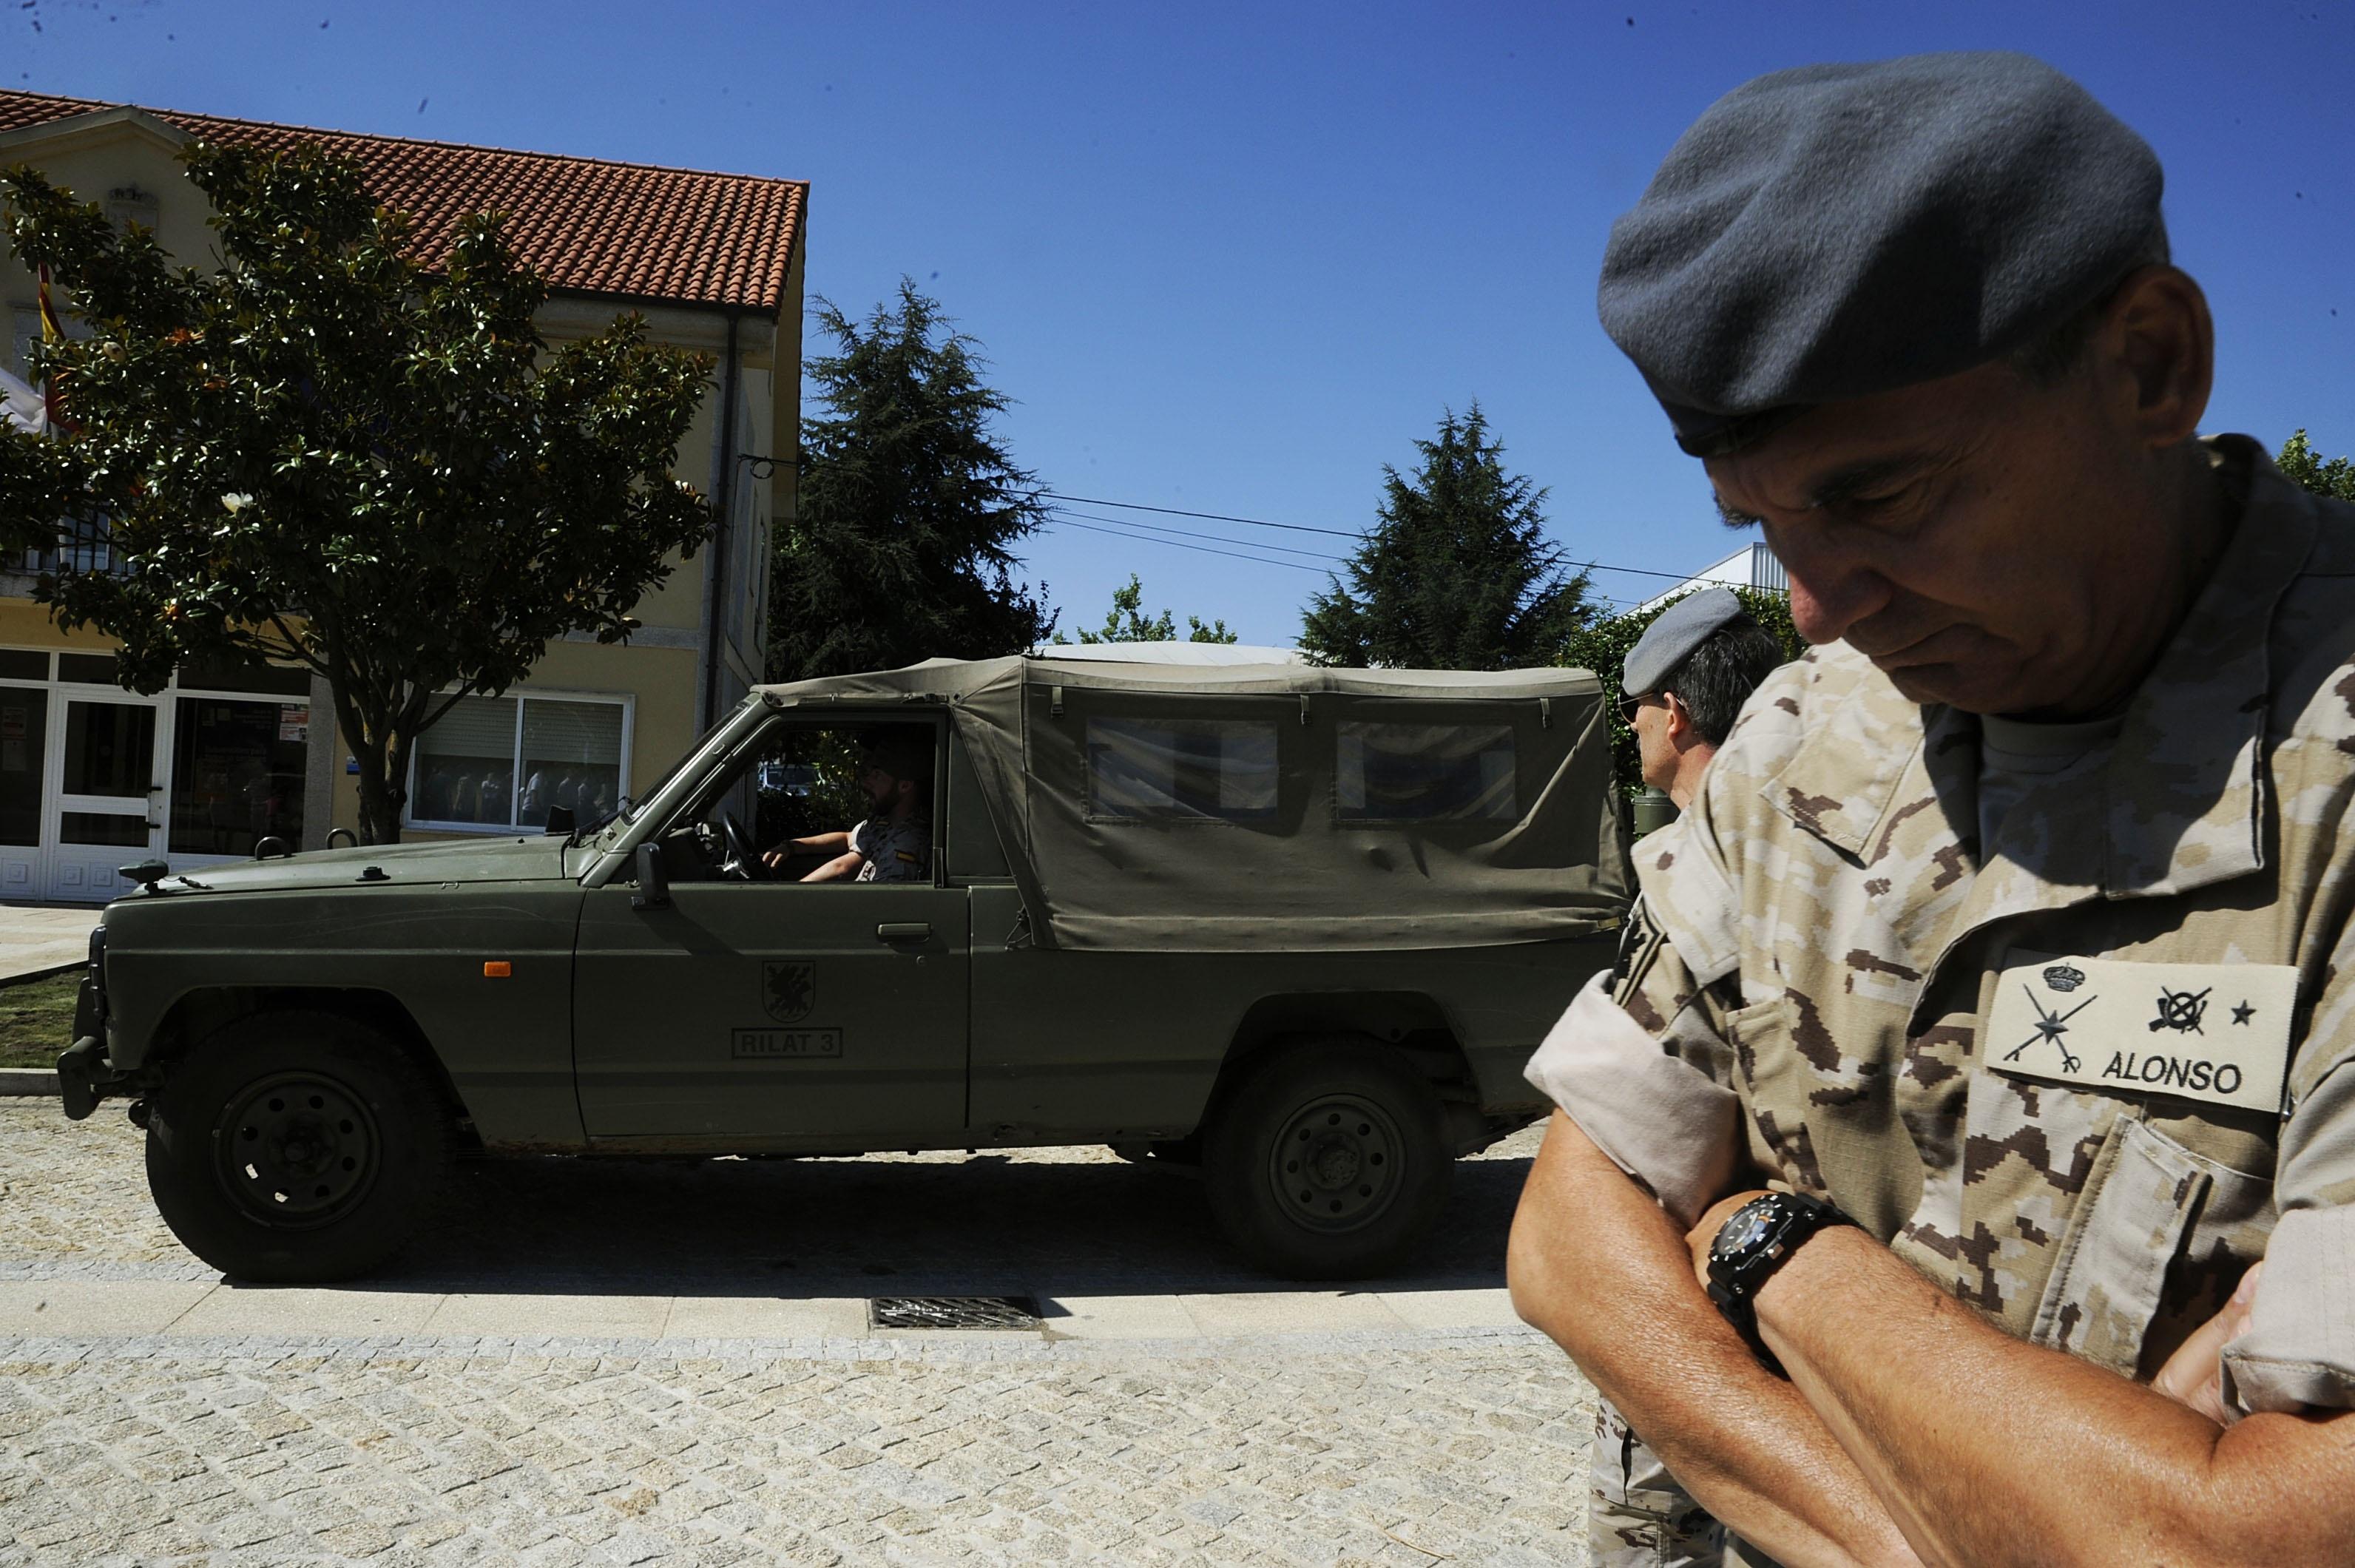 Xunta atribuye a los incendiarios acciones «con carácter homicida» por poner en riesgo viviendas y personas